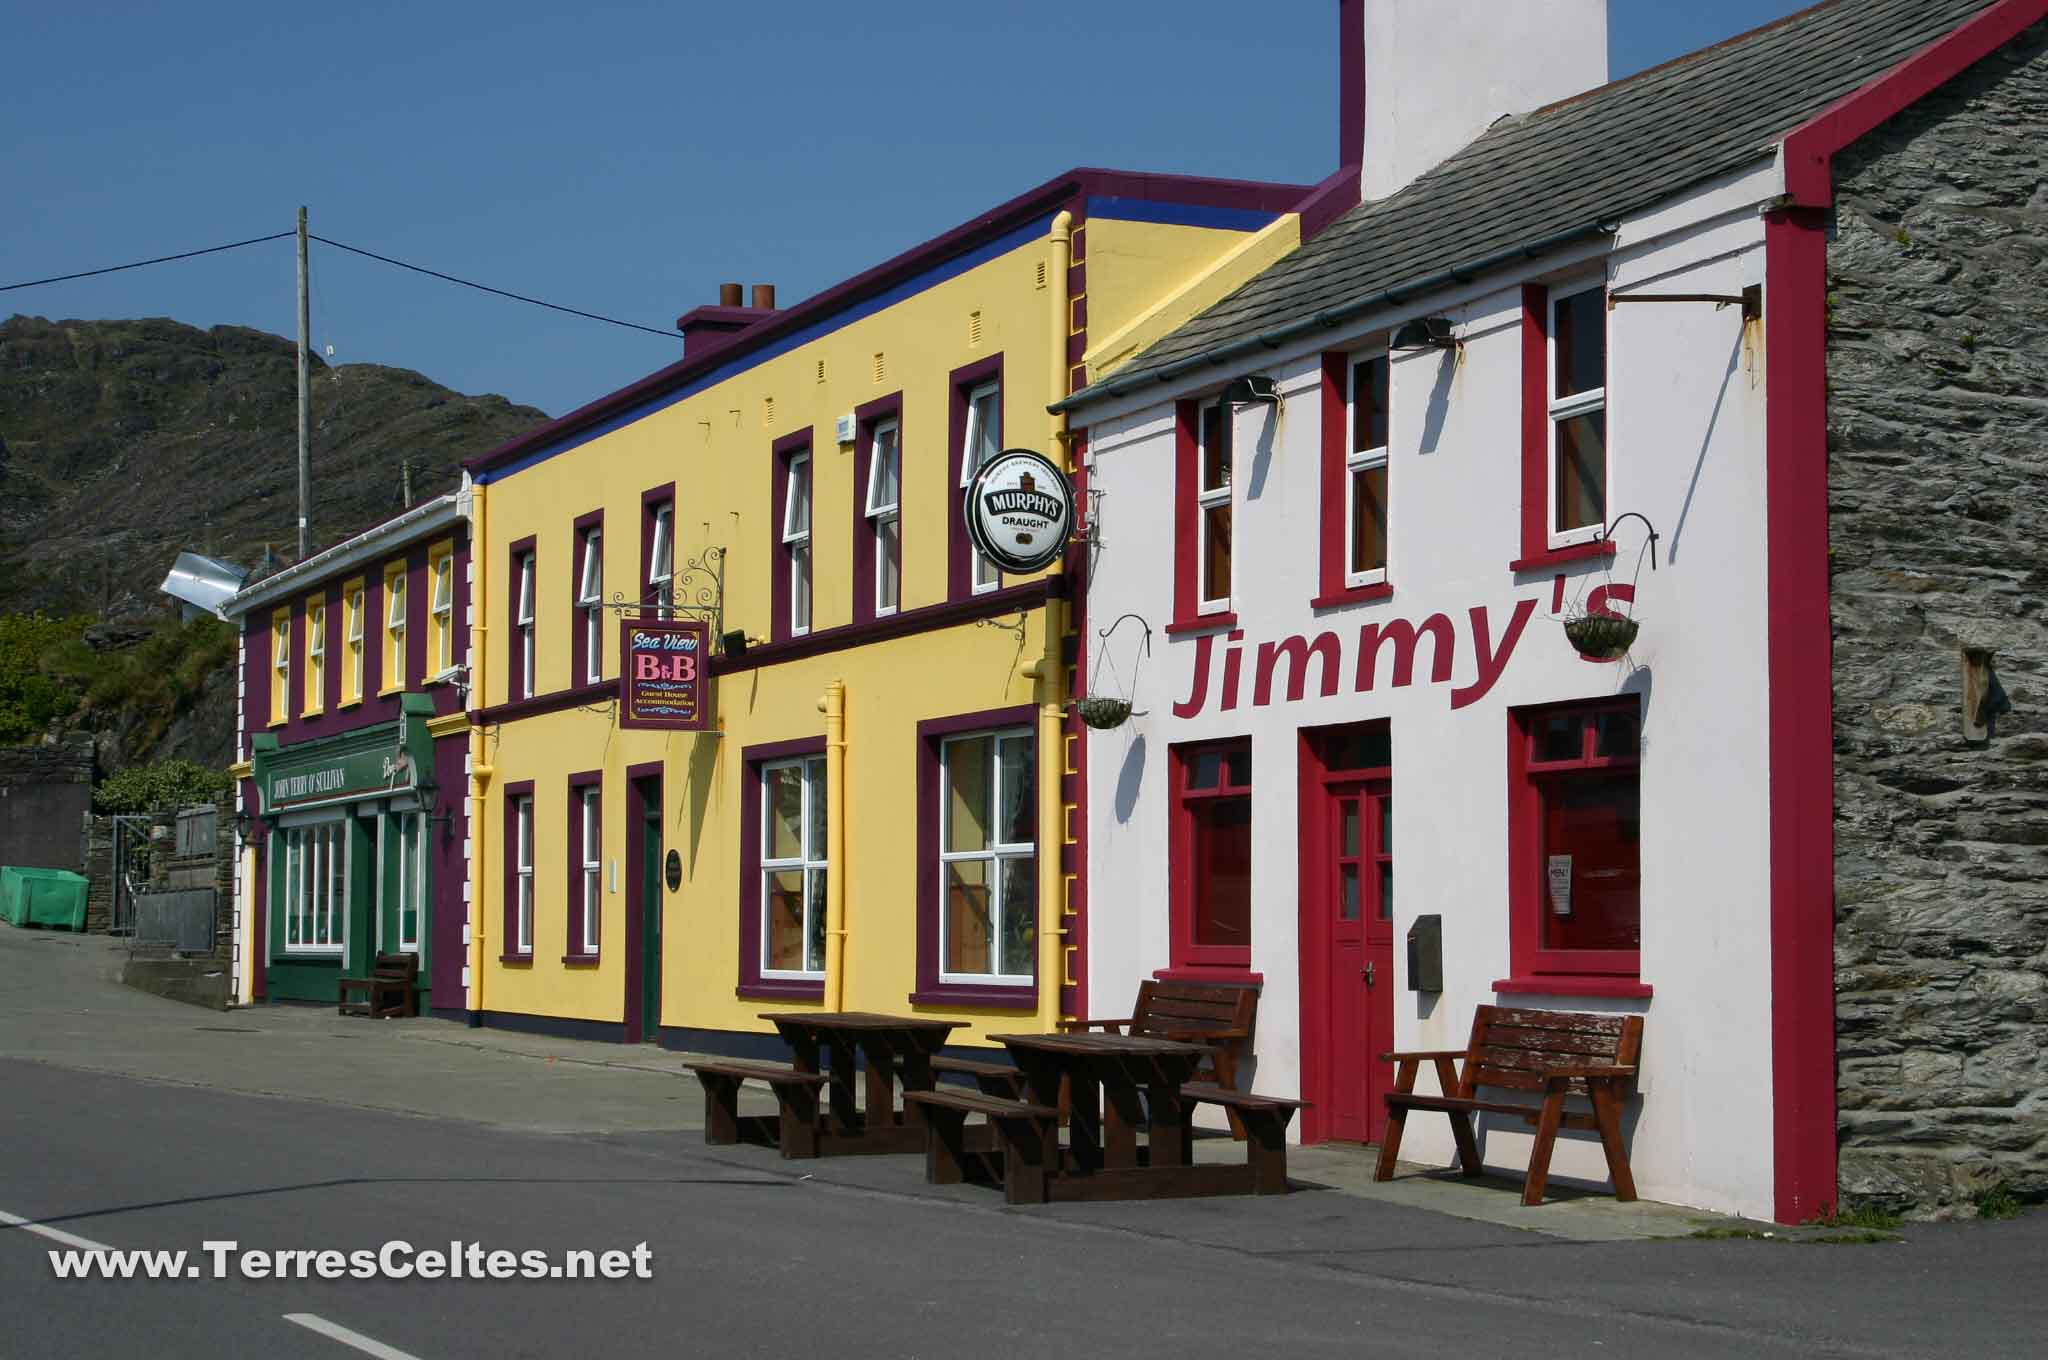 l'hébergement en irlande - terres celtes